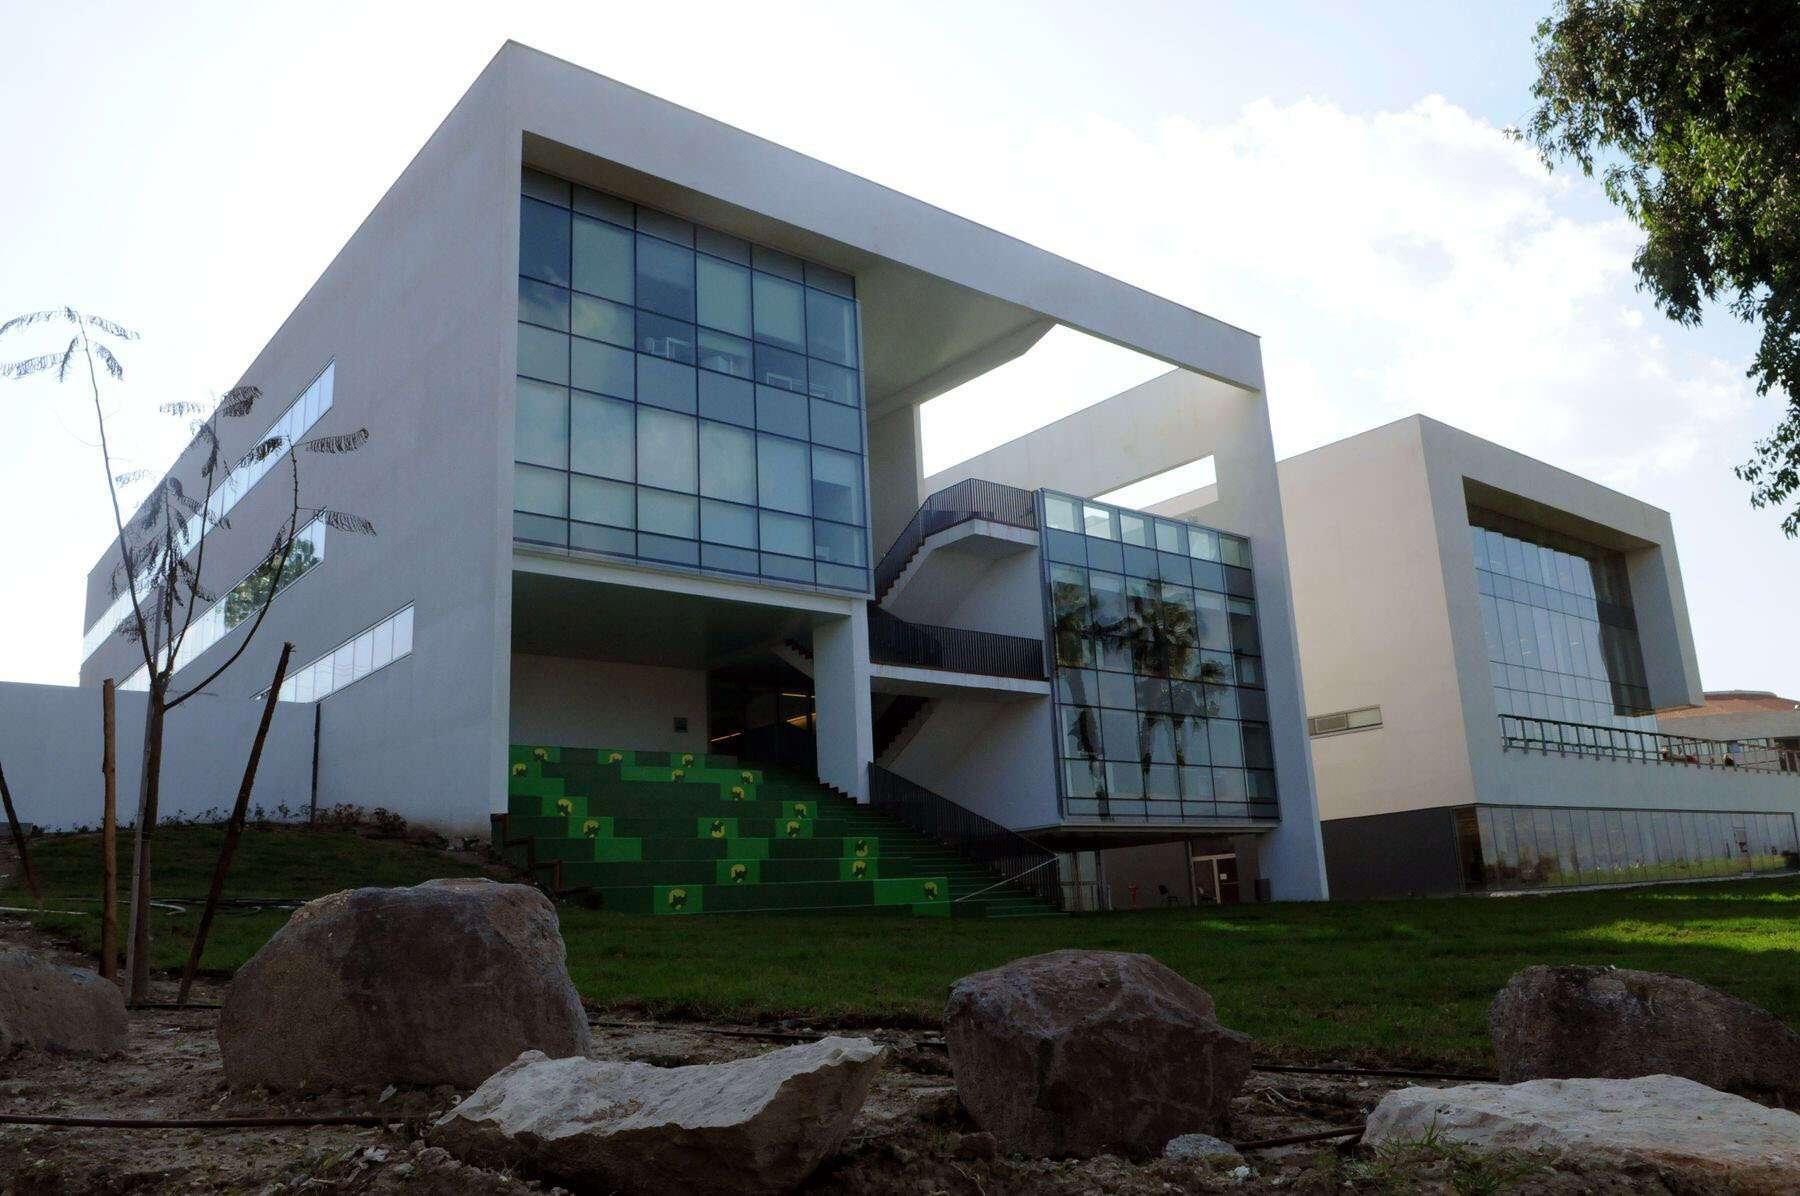 Achi Racov Building